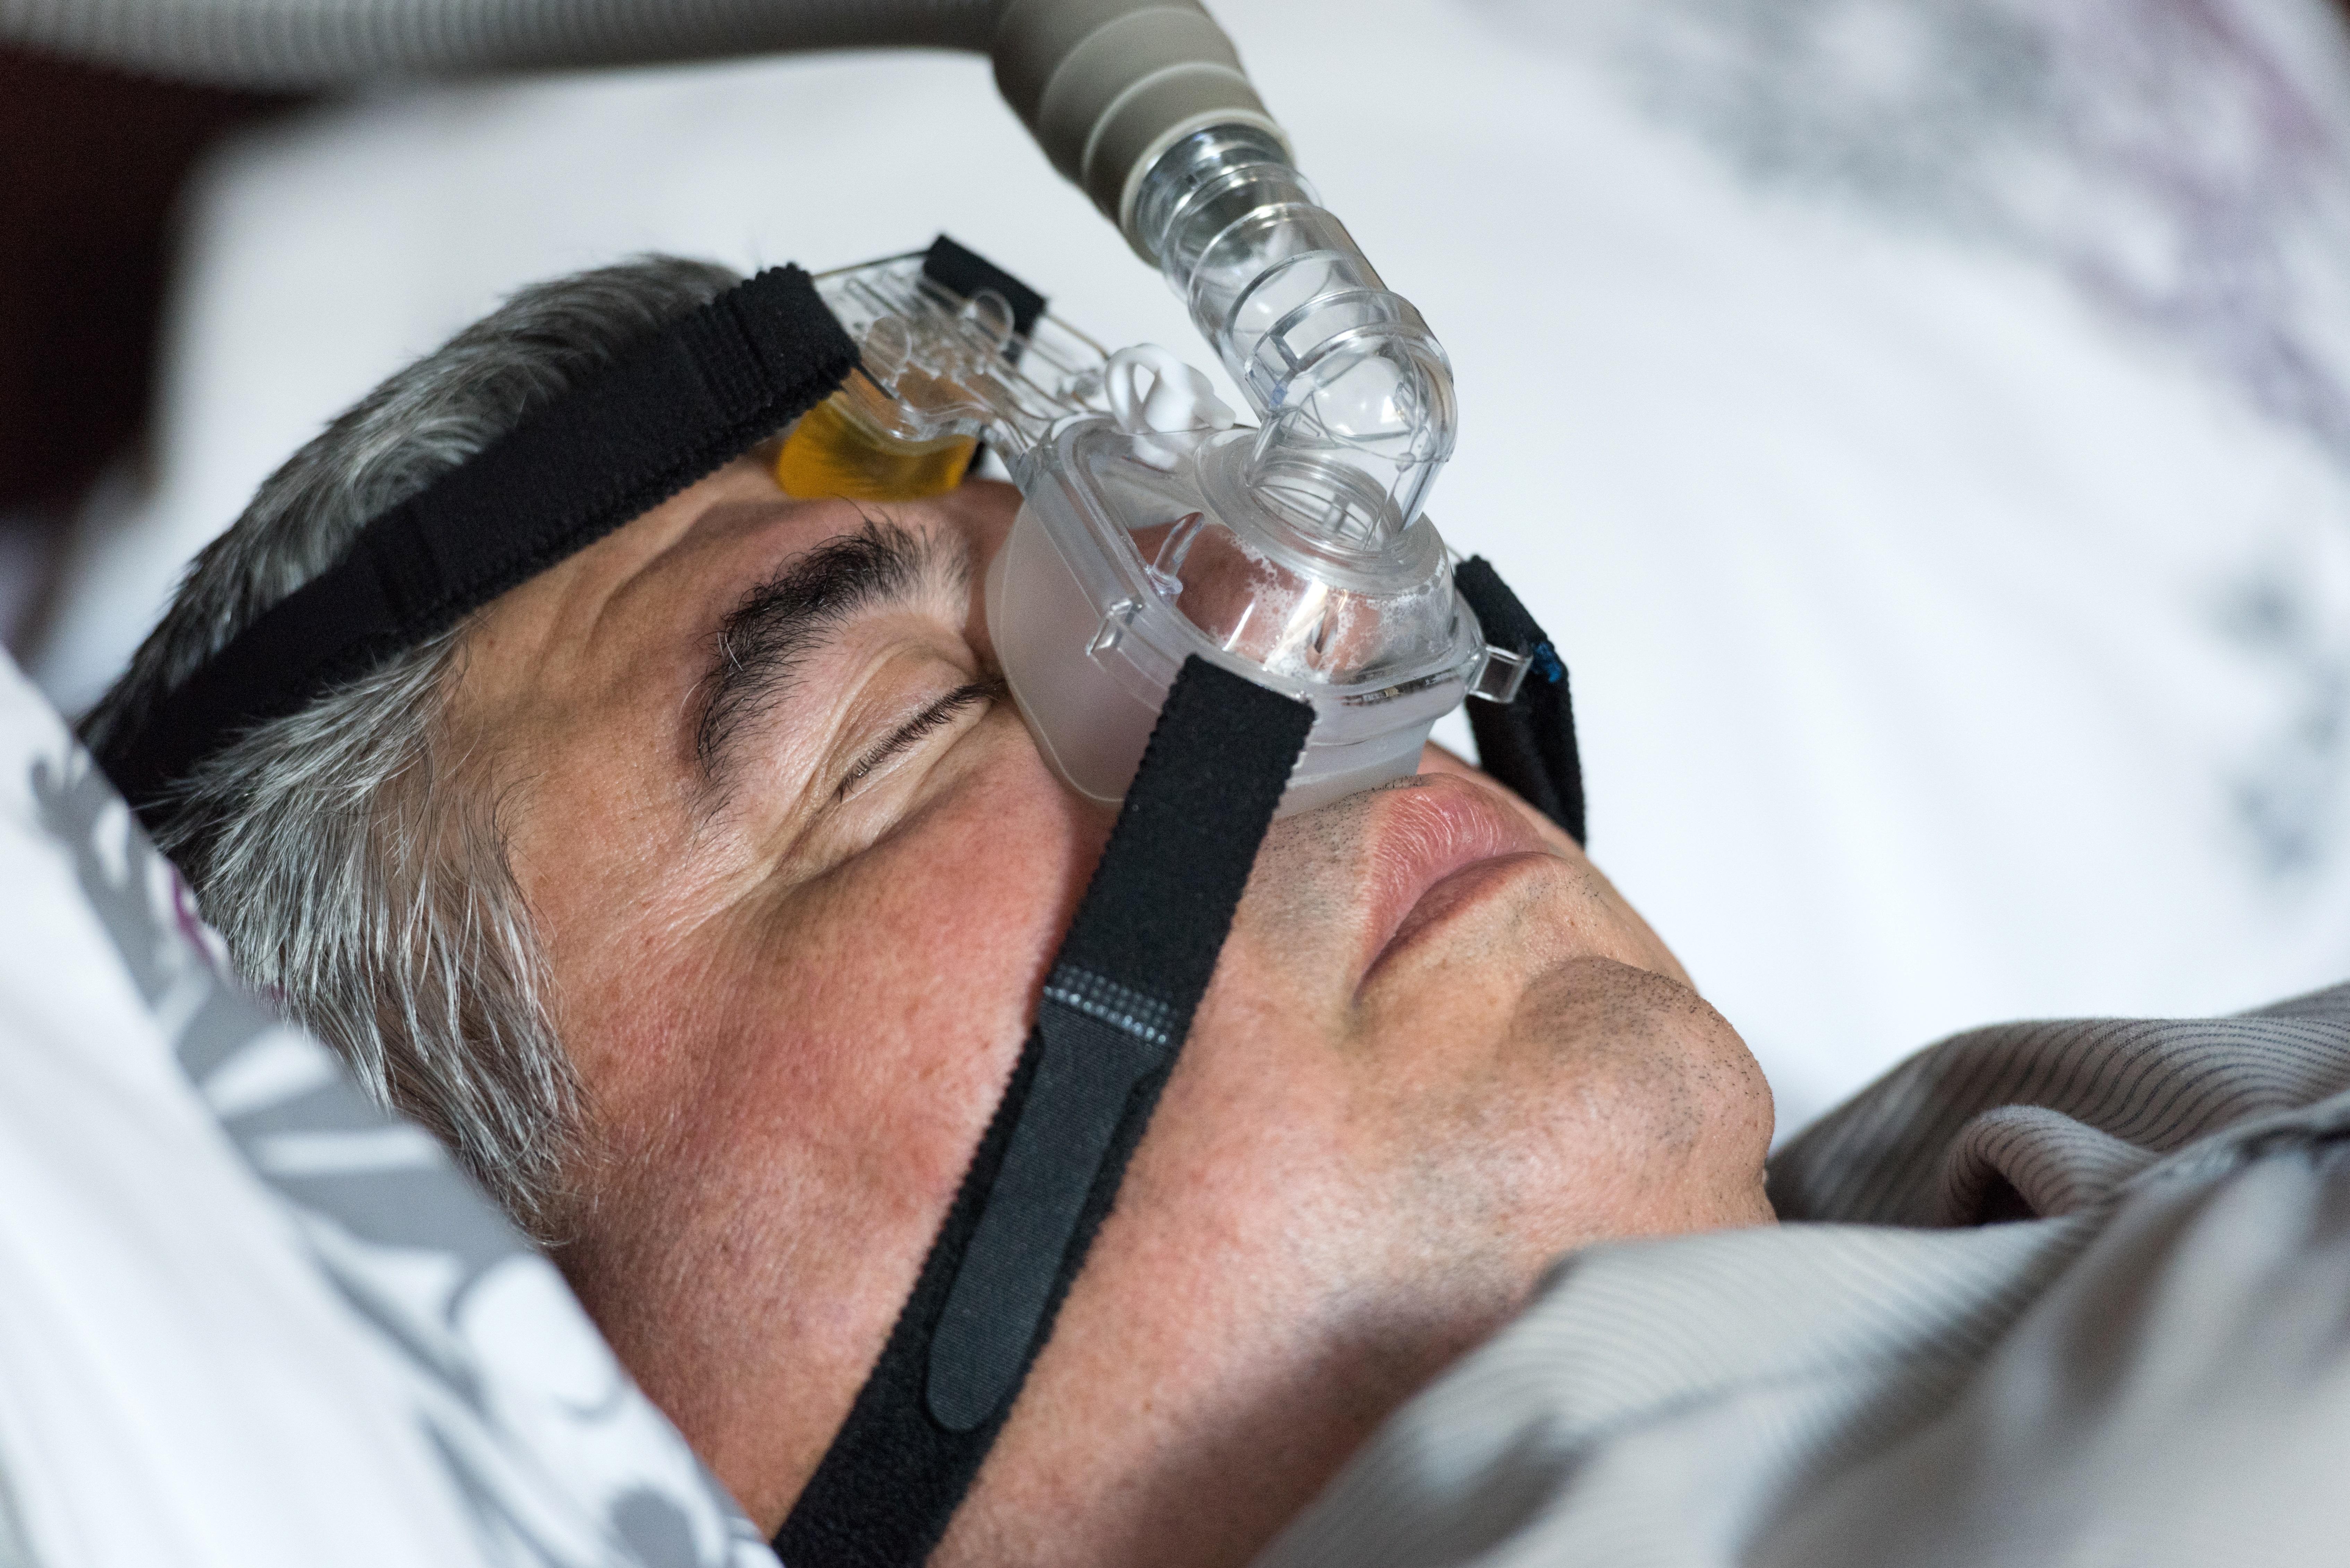 A man using a CPAP machine to sleep